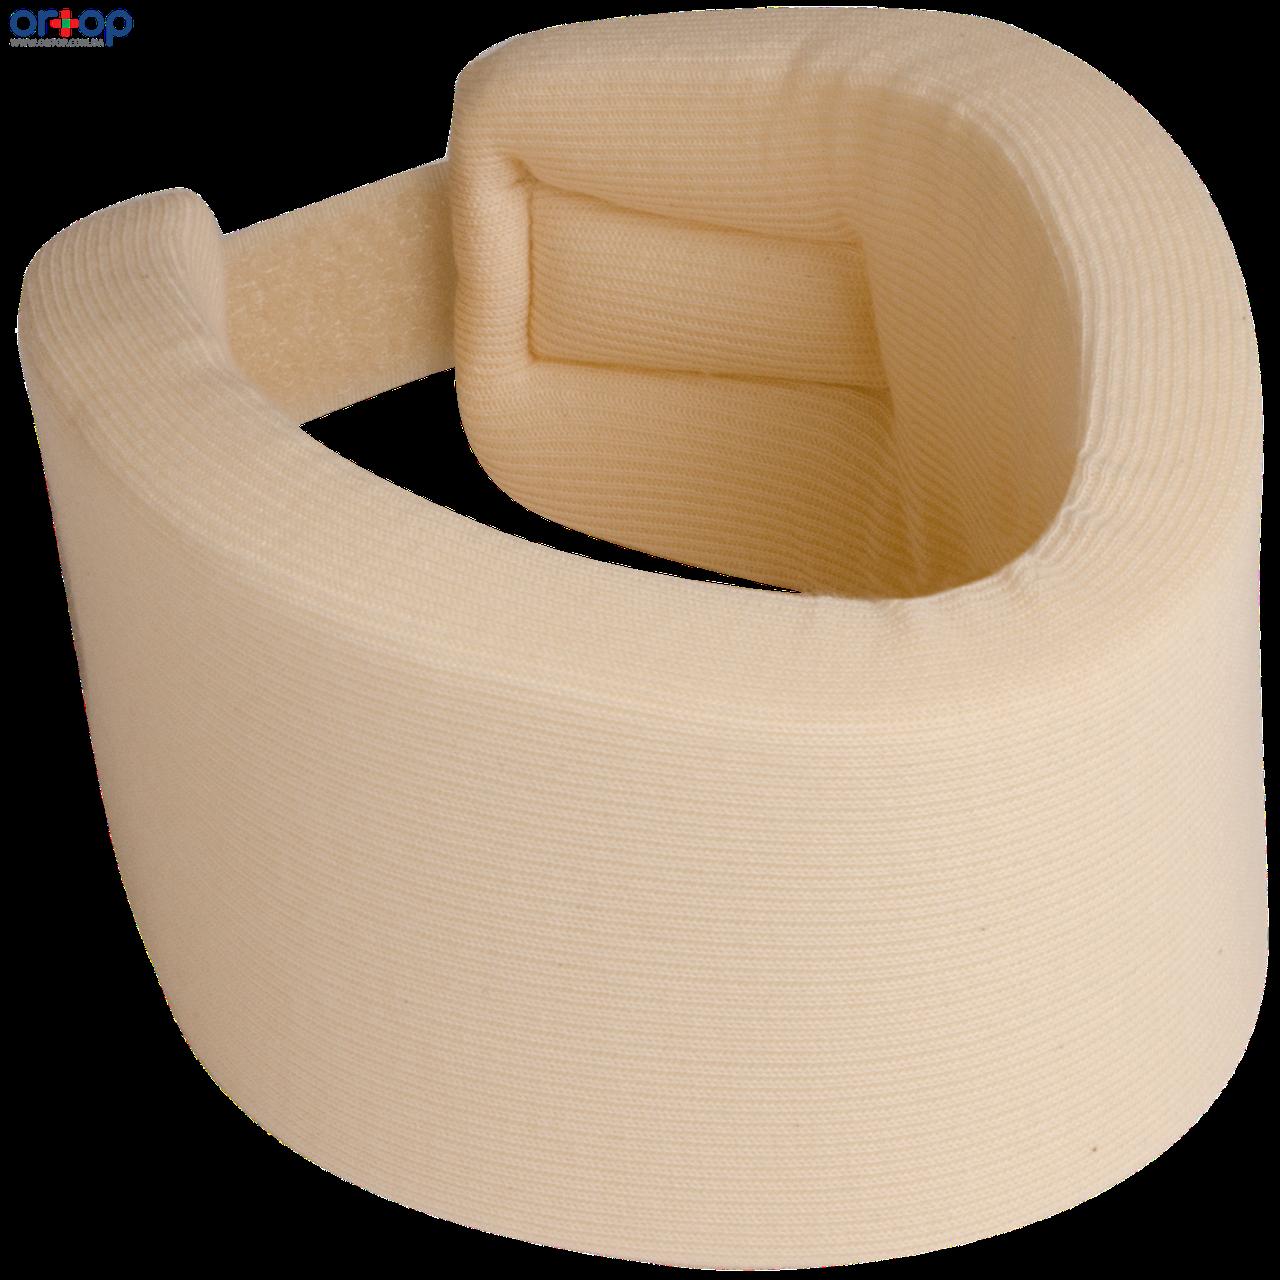 Шейный ортез мягкий Ortel C1 Classic, 10 см, 1